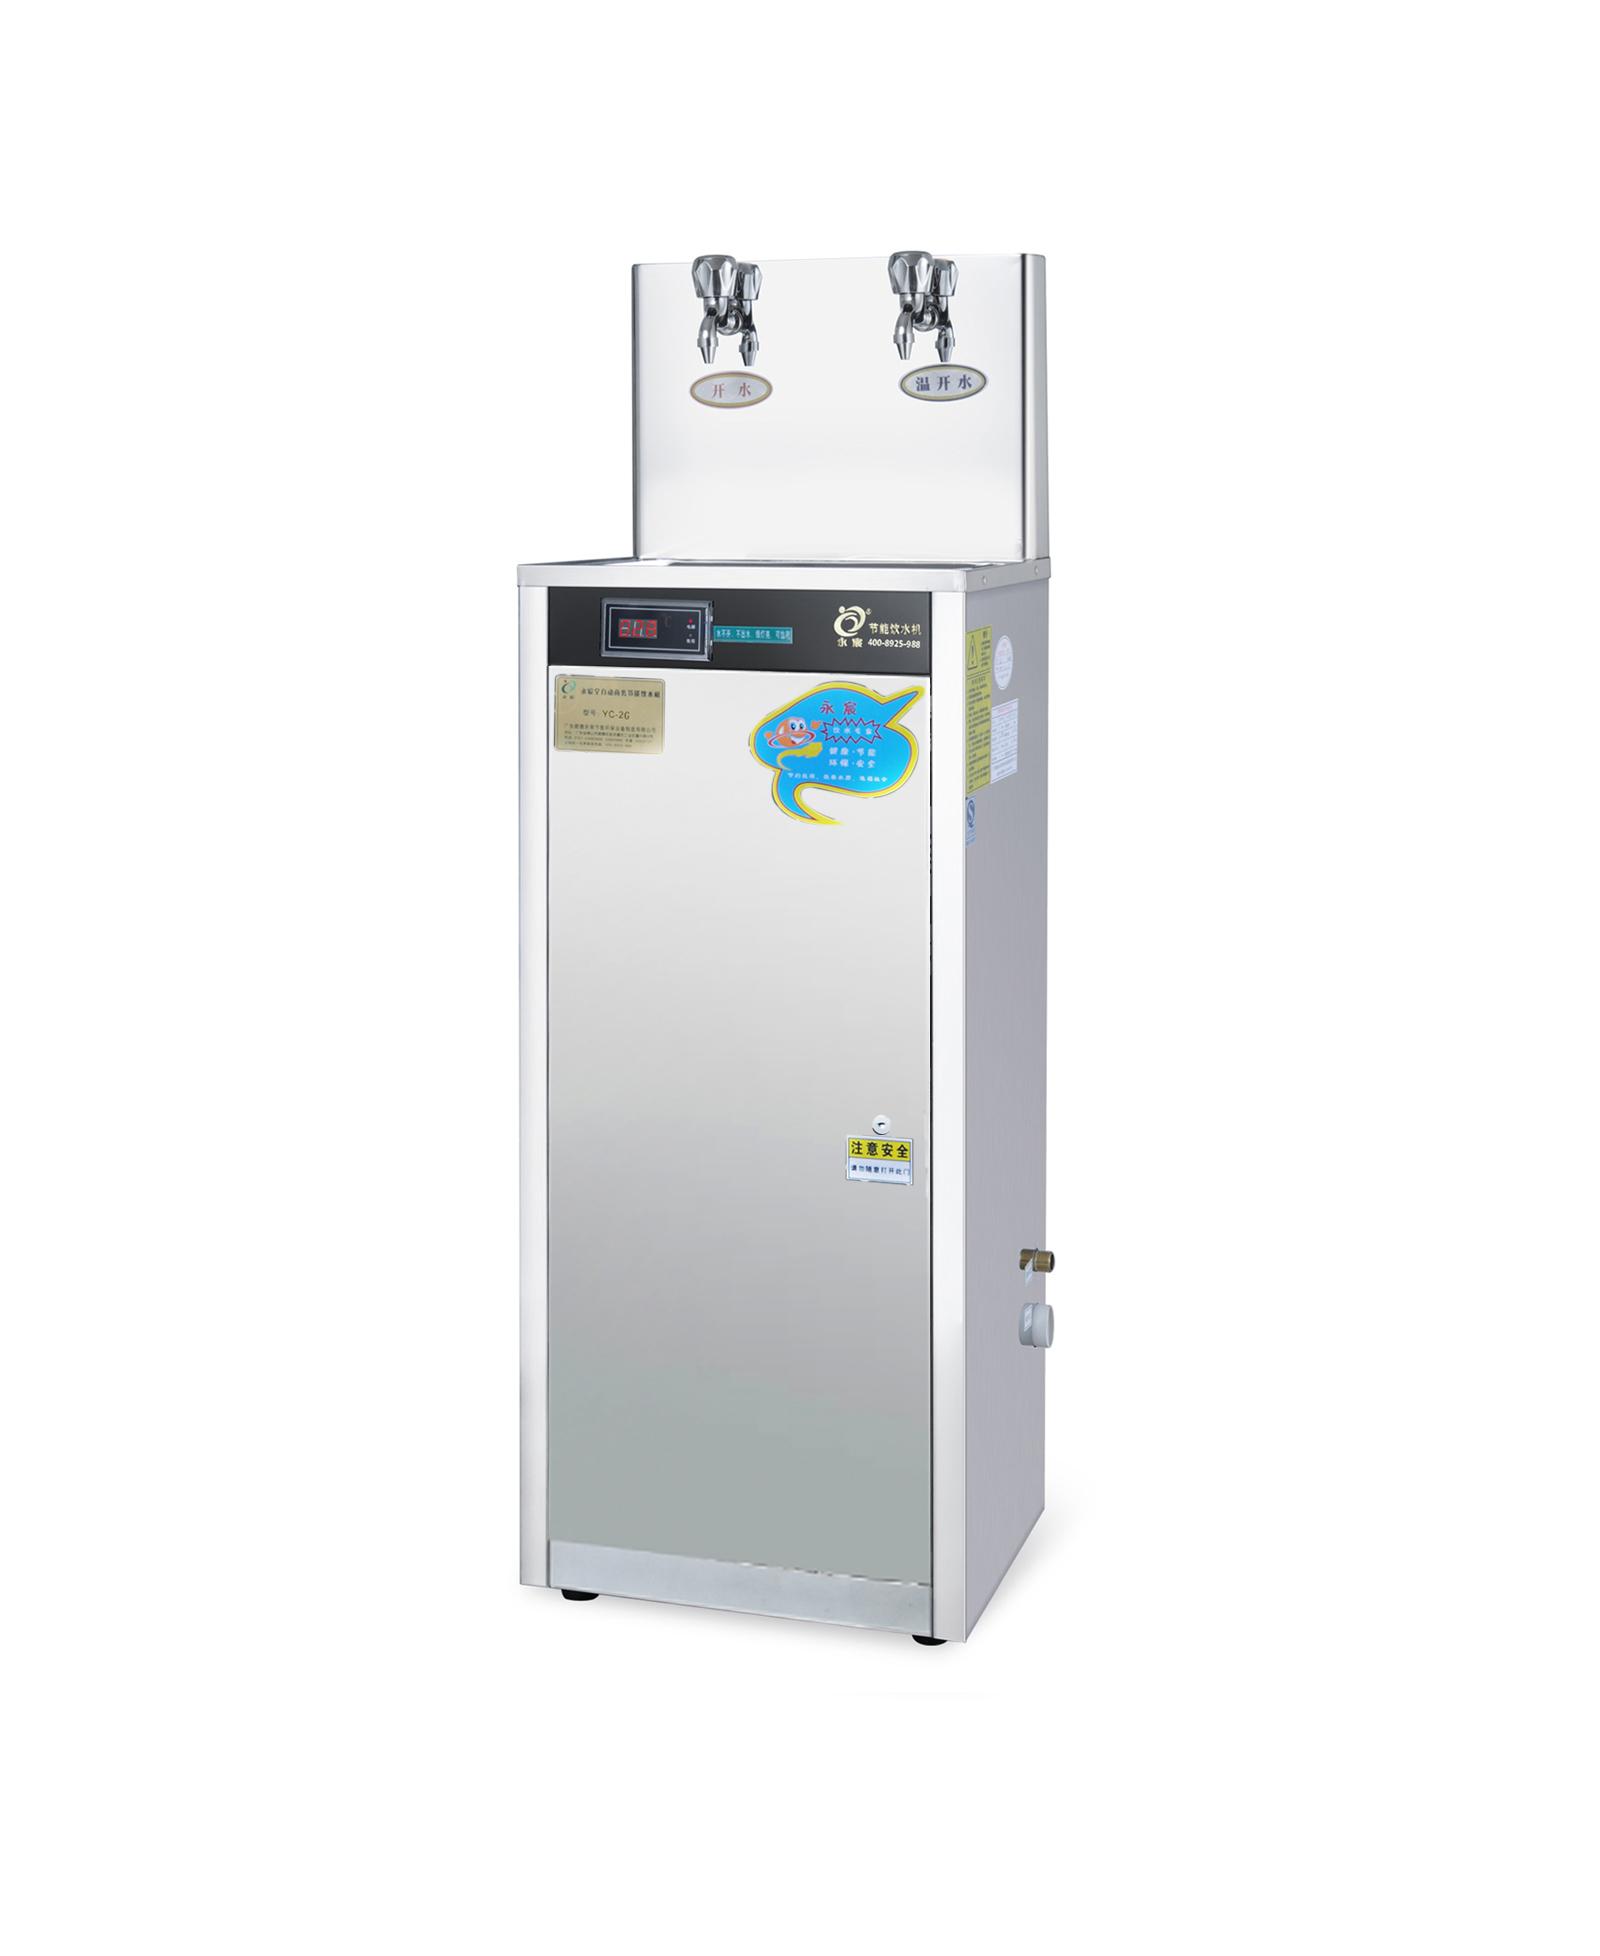 冰热型工厂节能ballbetYC-2G-5B